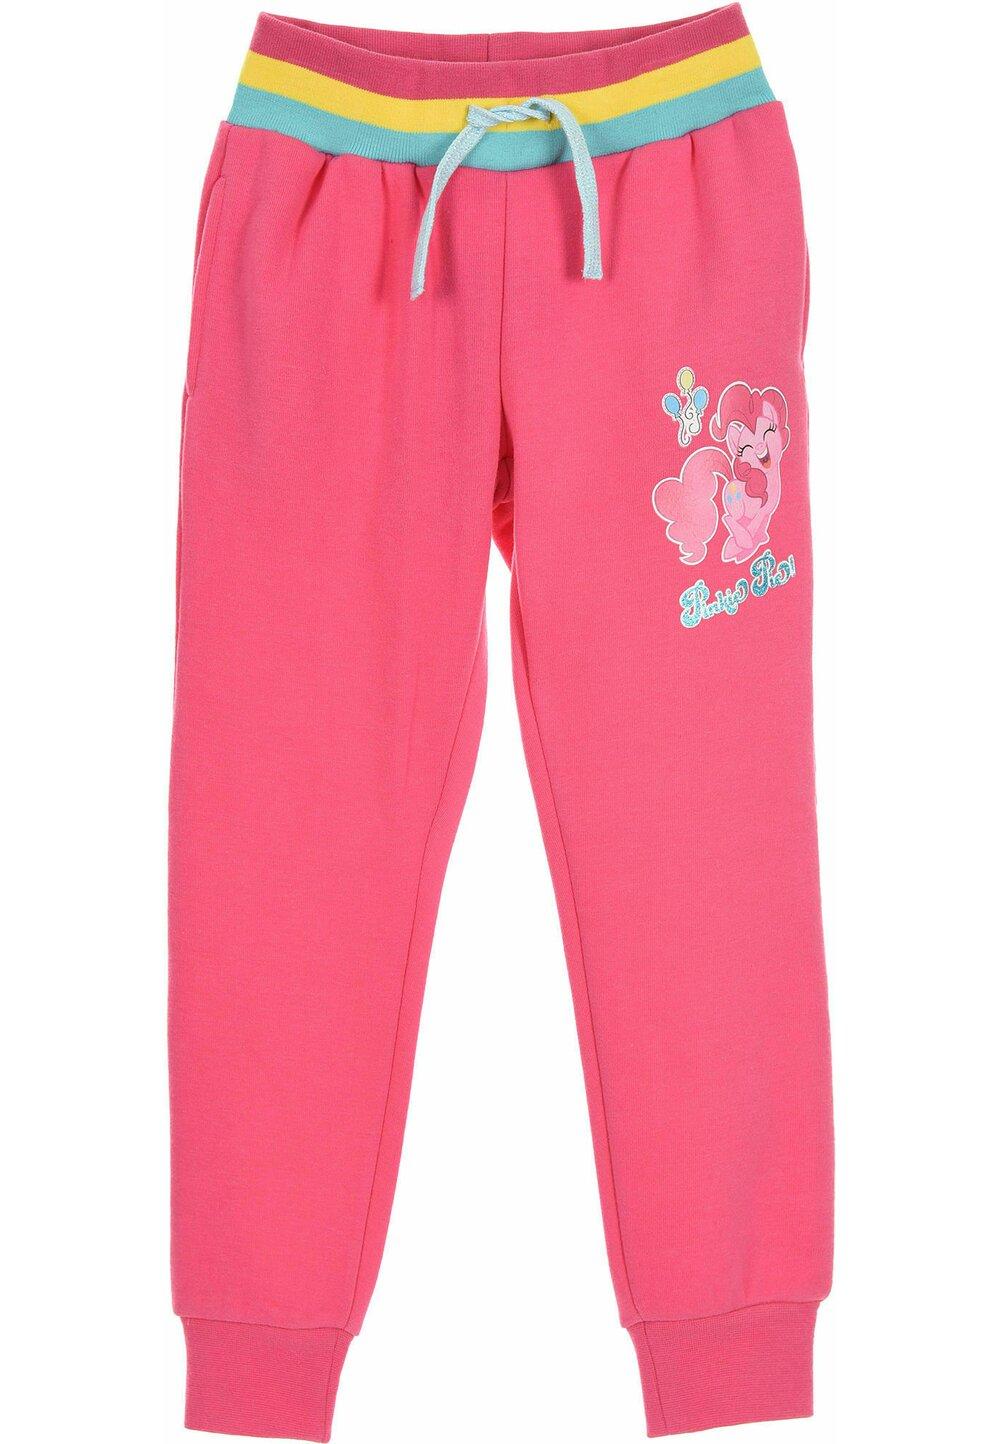 Pantalon de trening, Pinkie Pie, roz